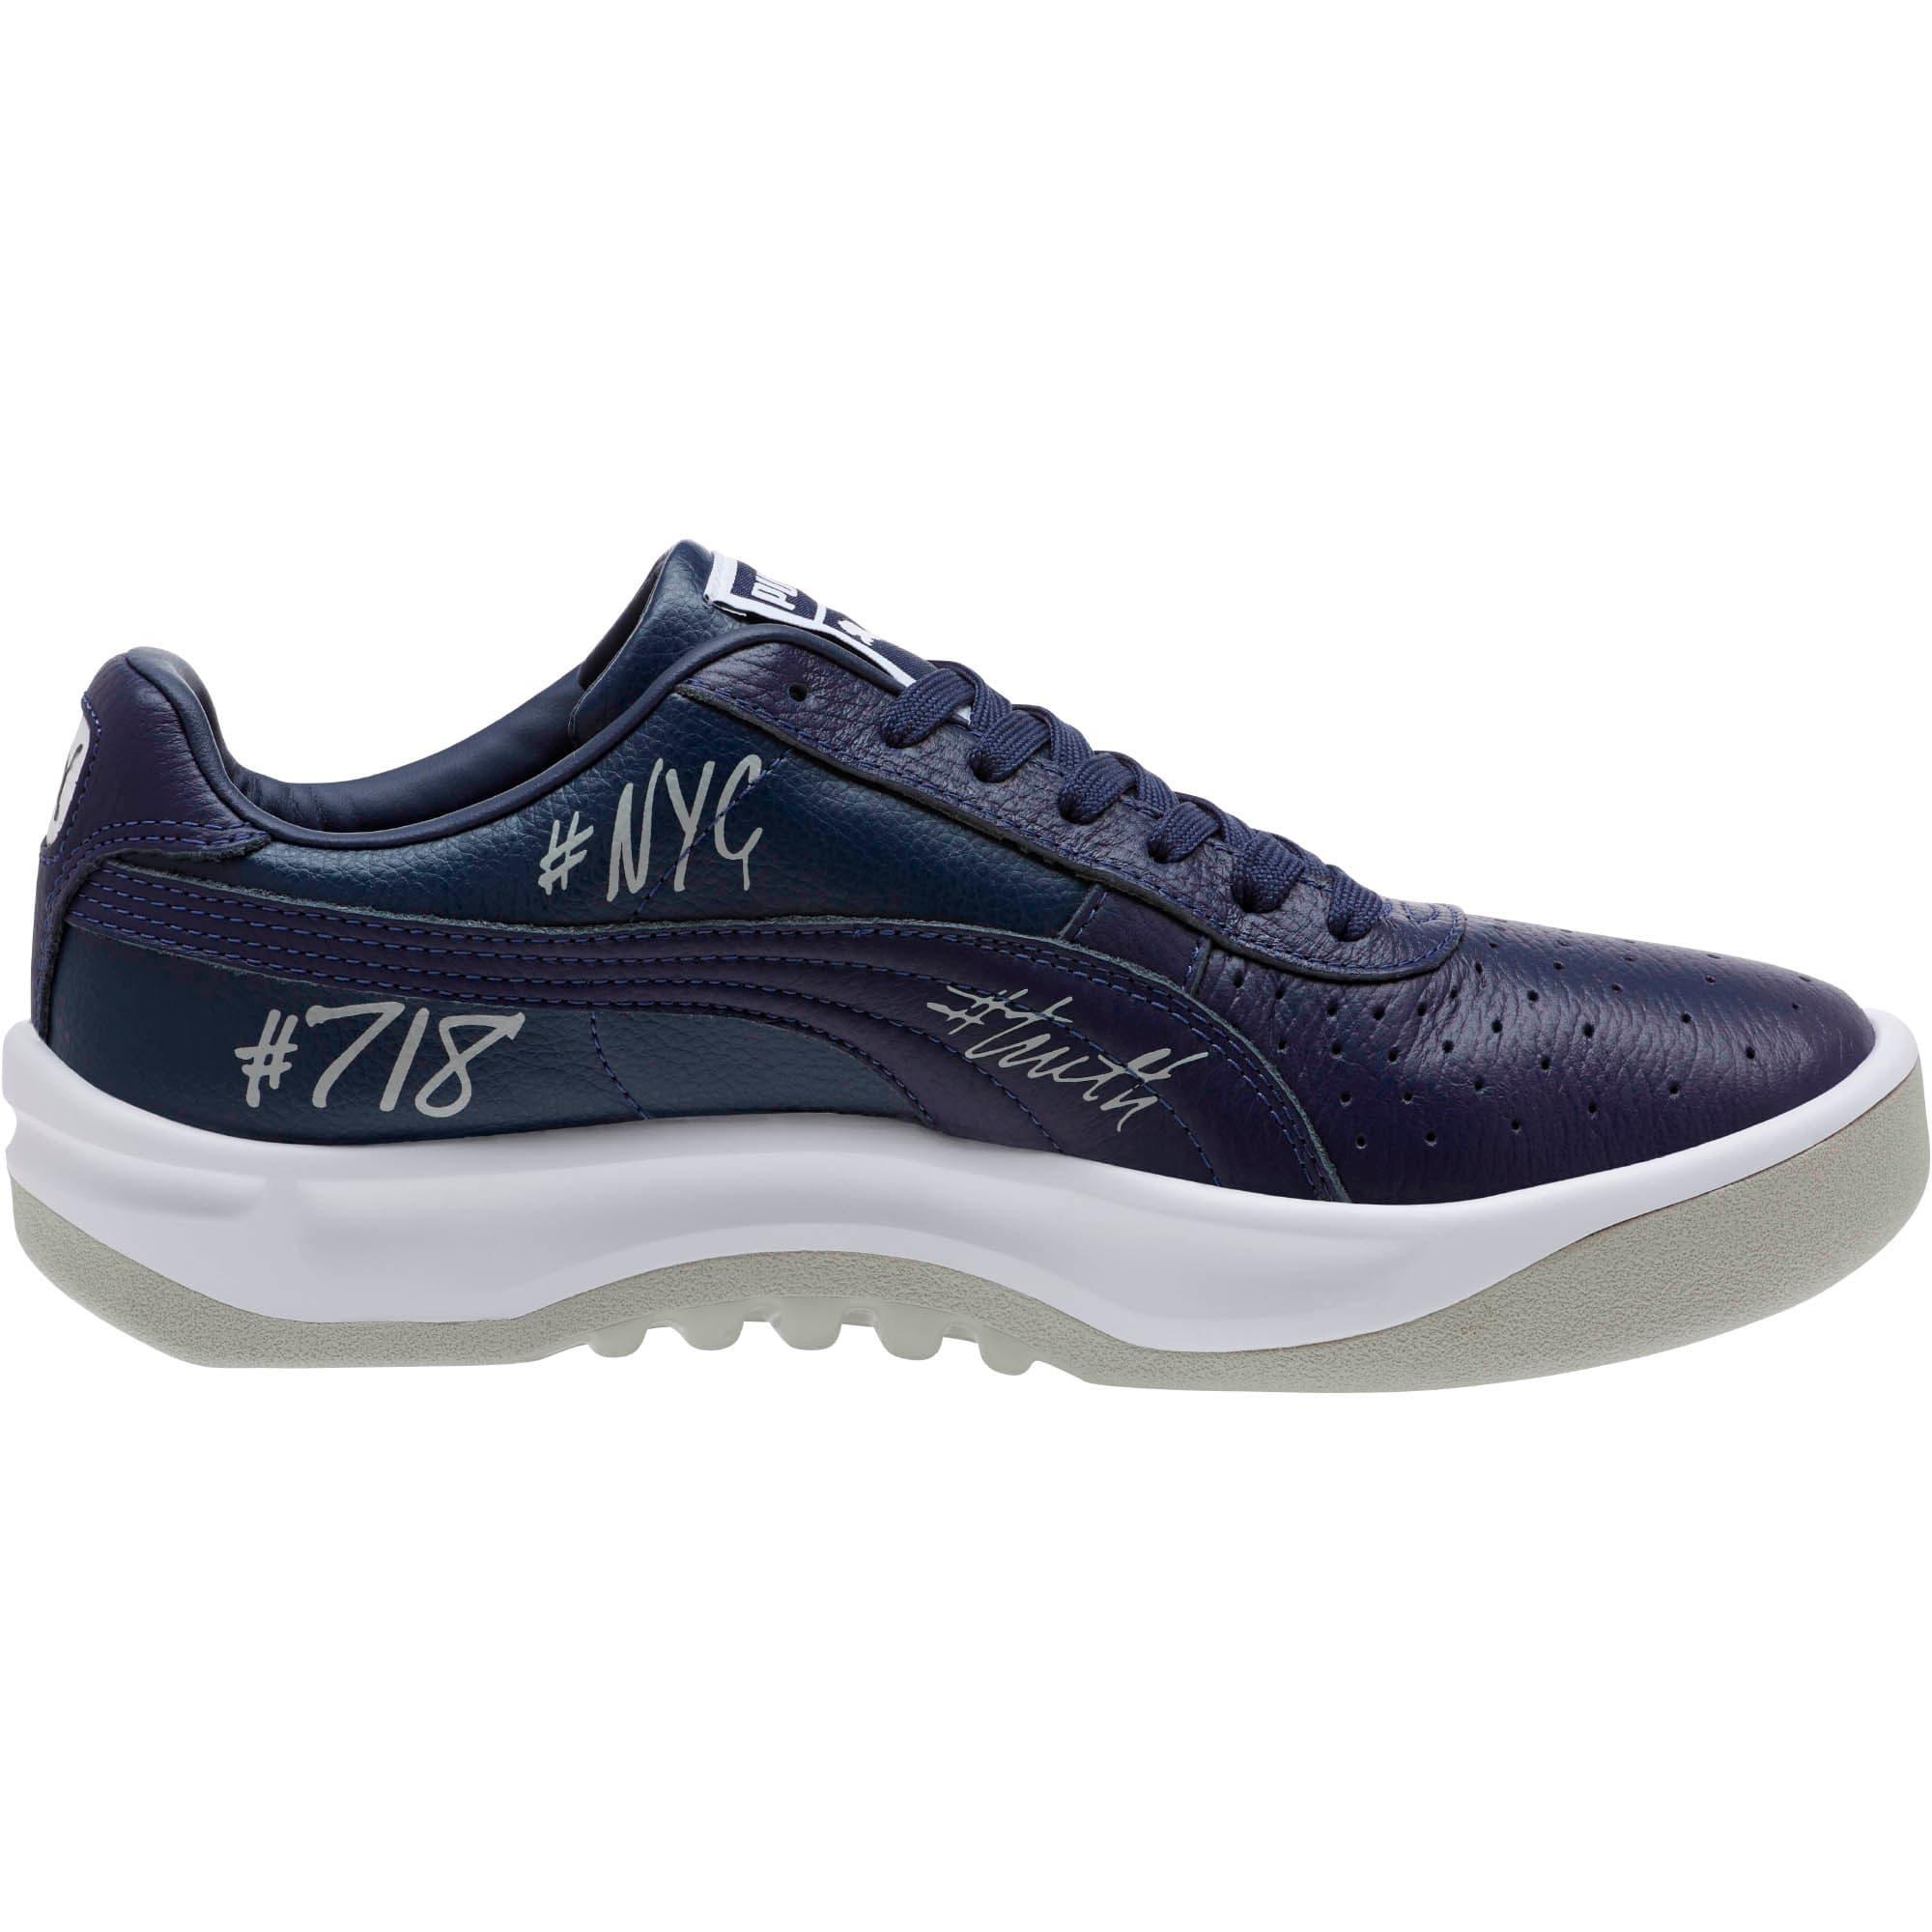 Thumbnail 3 of GV Special NYC Sneakers, Peacoat-Puma White-Gray Vlt, medium